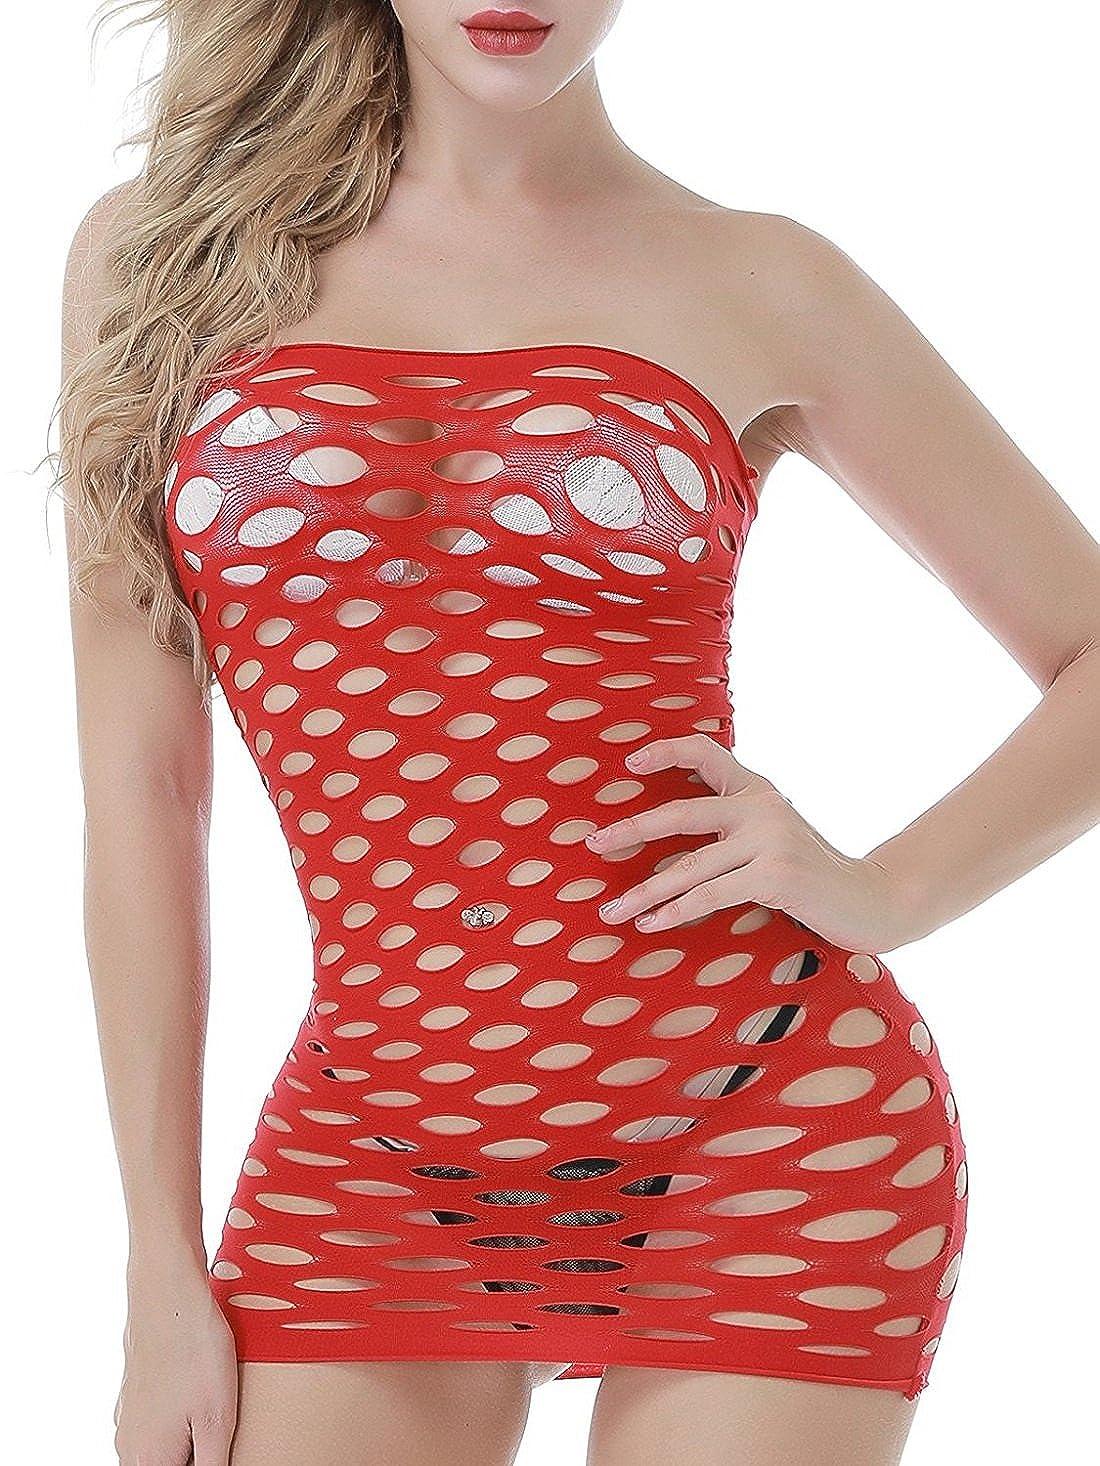 EVAbaby Strapless Fishnet Mini-Dress Lingerie One Size Chemise Babydoll for Women